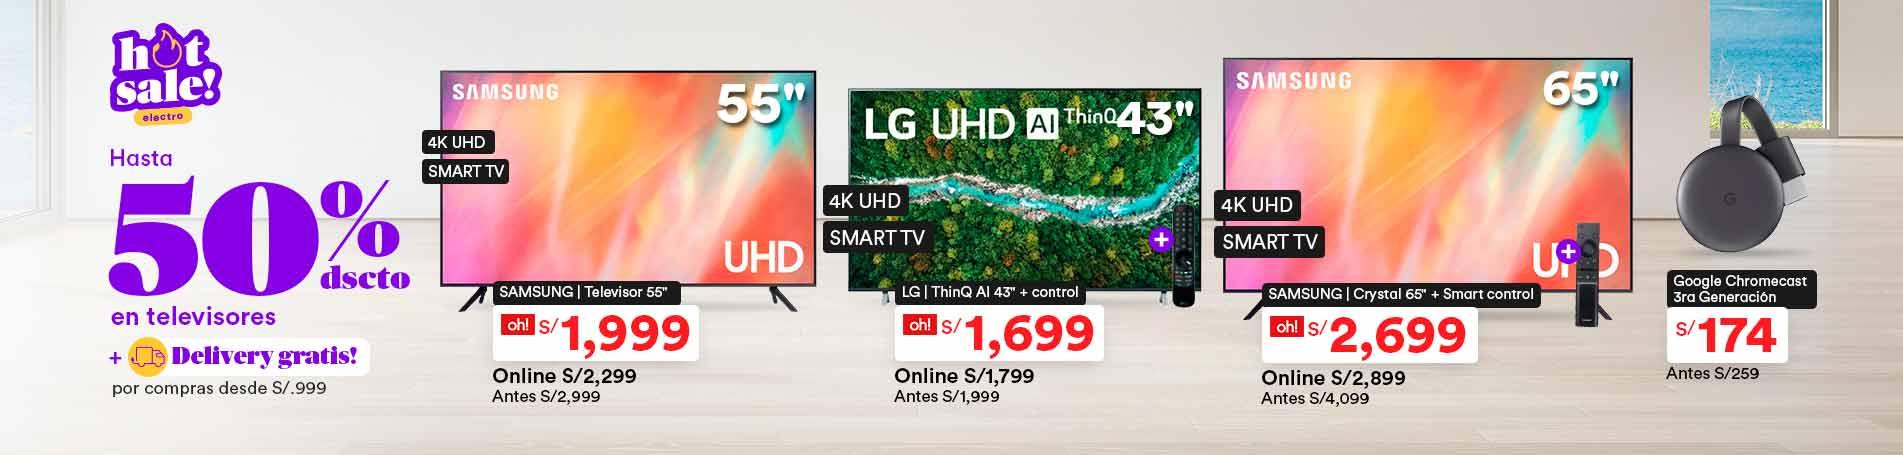 Hot Sale_P_2_Hasta 50% dsct. en TVs + Delivery gratis por compras desde S/.999